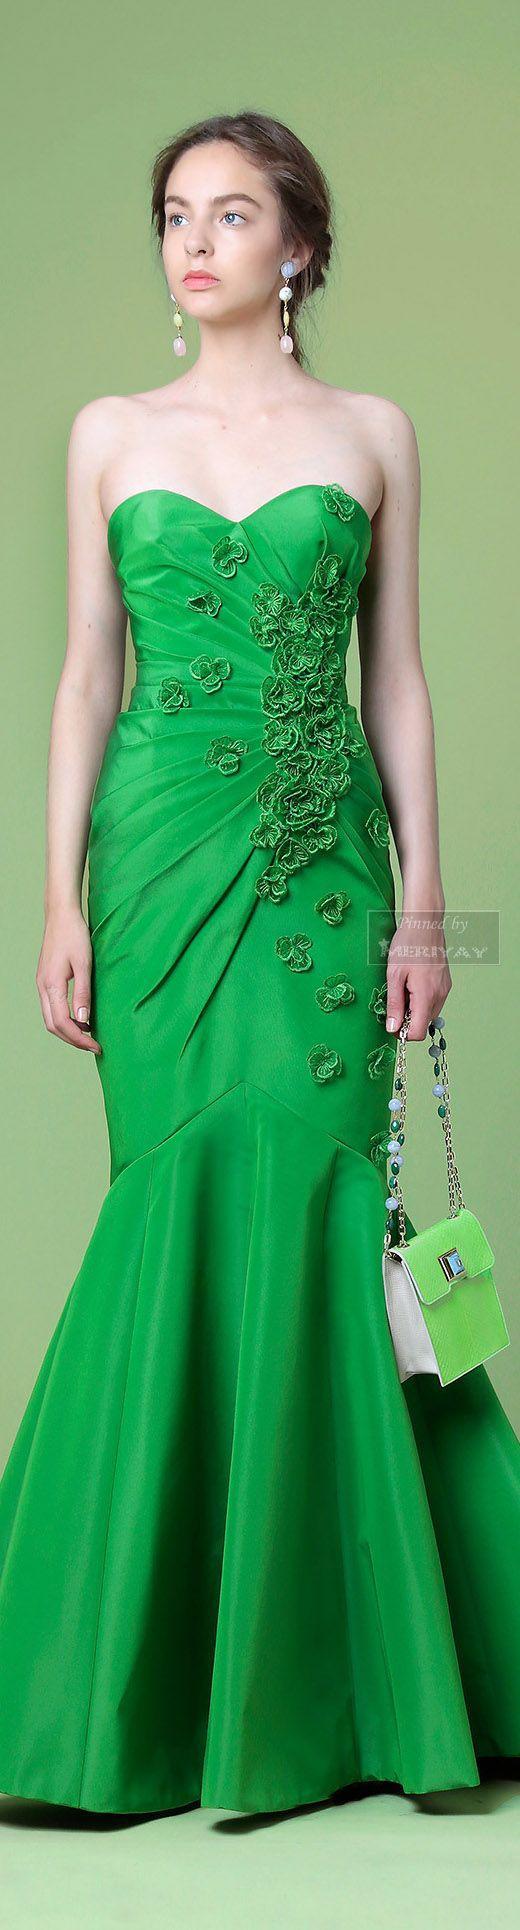 Hochzeit - Wunderschöne Kleider ..... Grünen